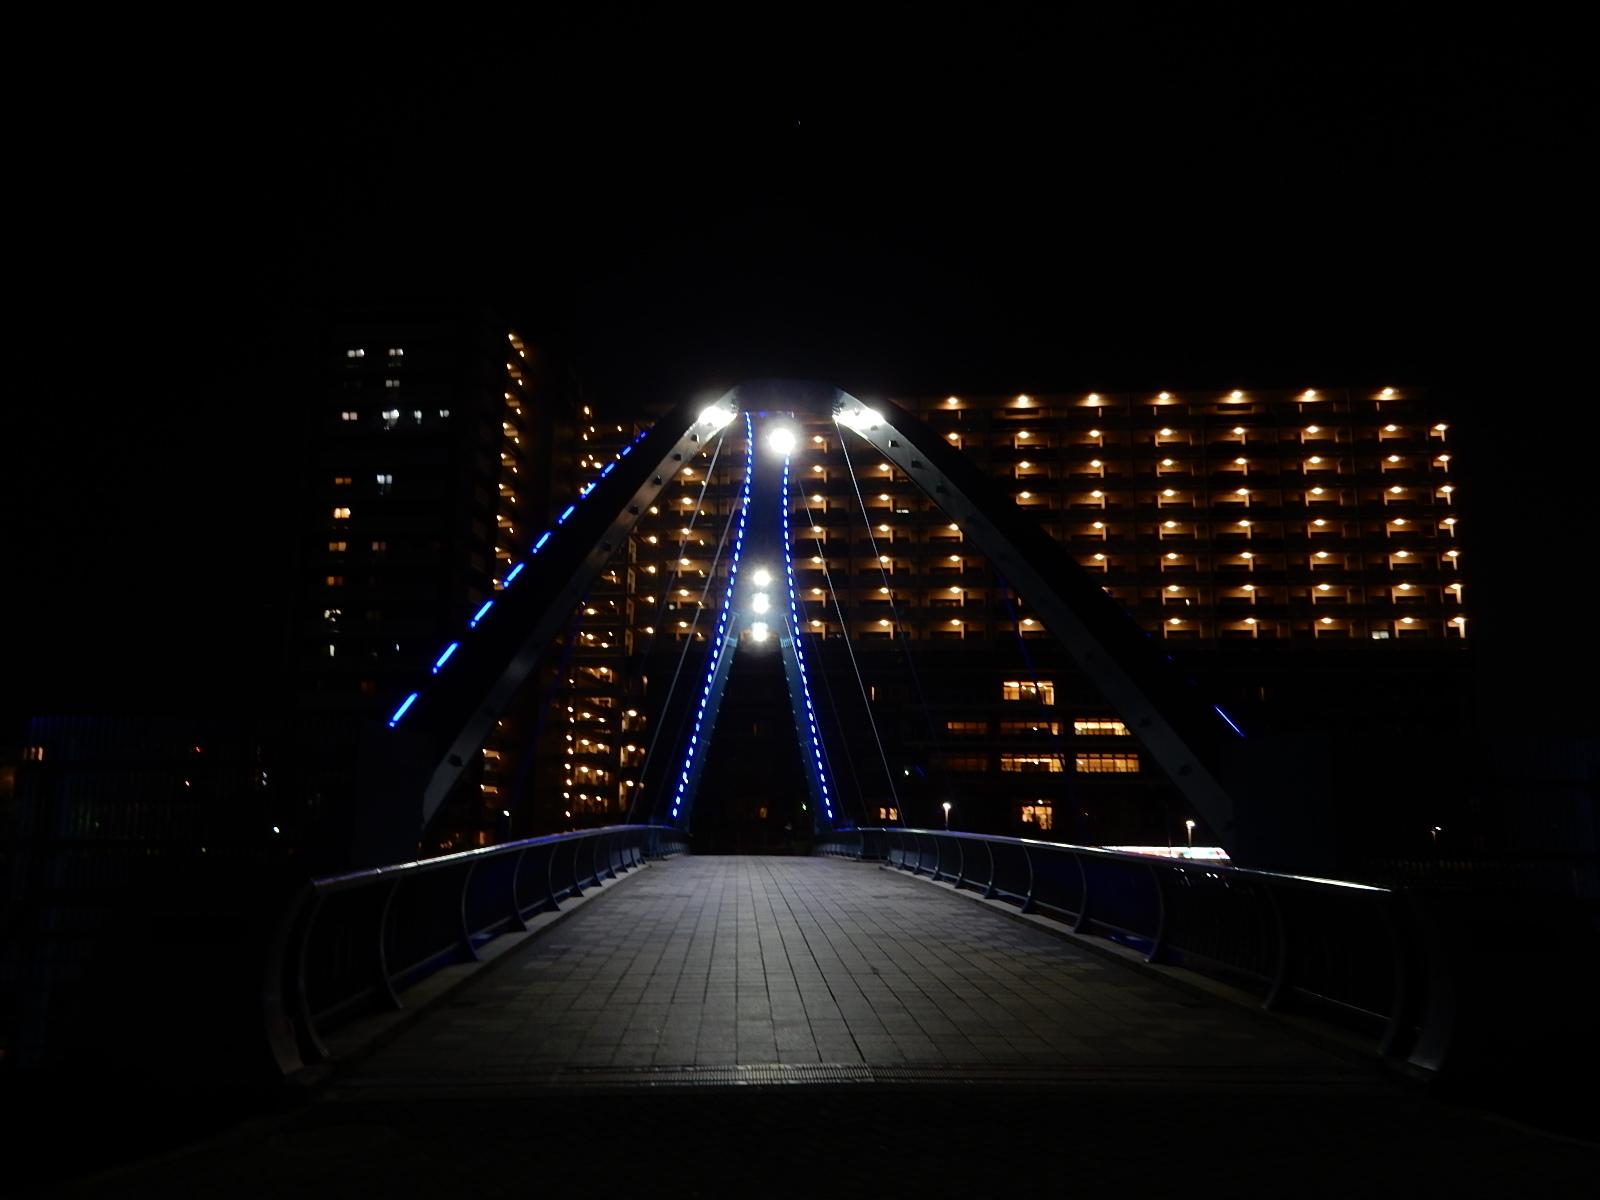 真夜中の照明を灯したふれあい橋2